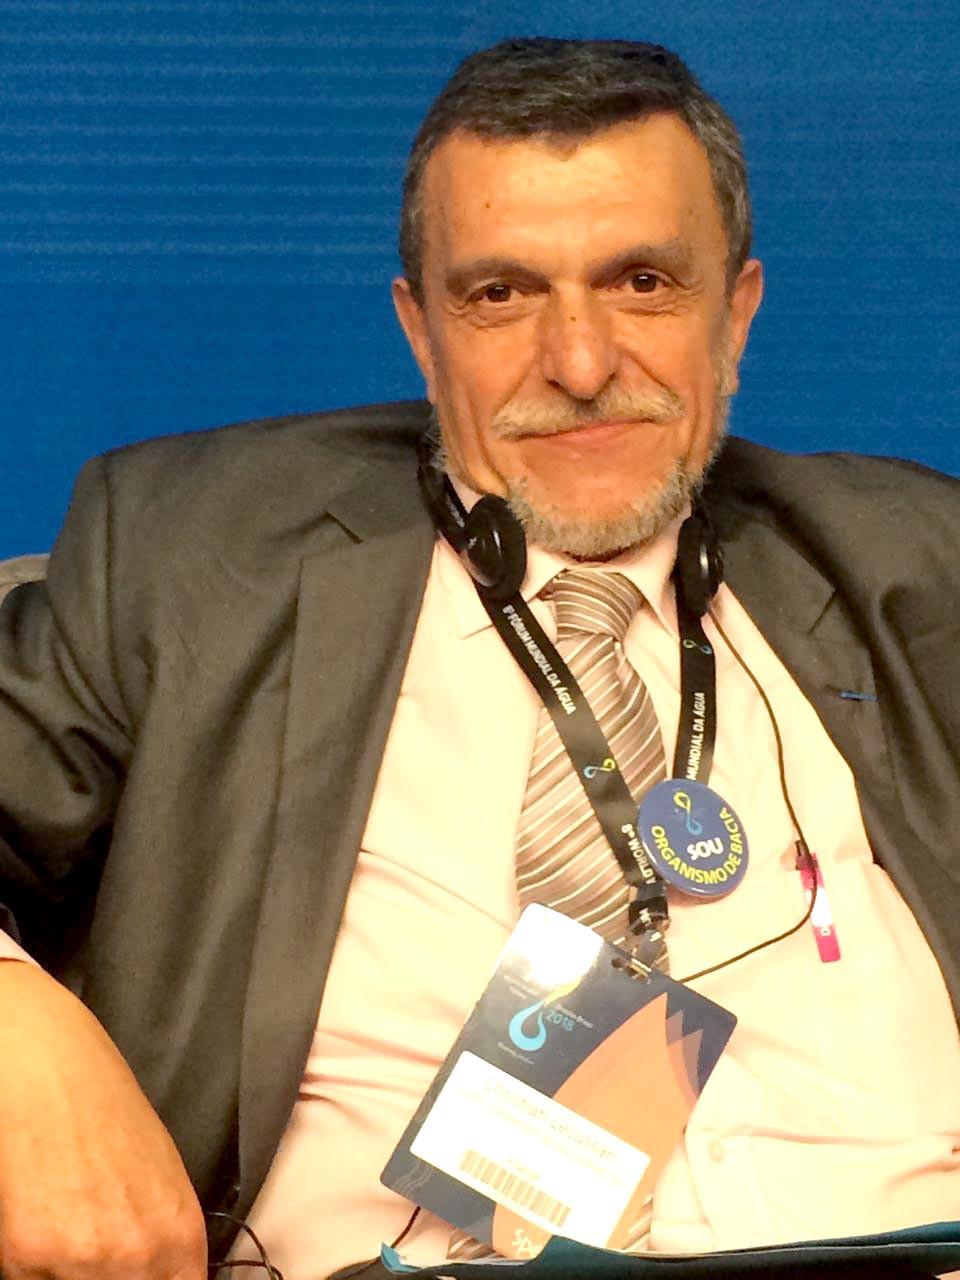 Christian Lécussan